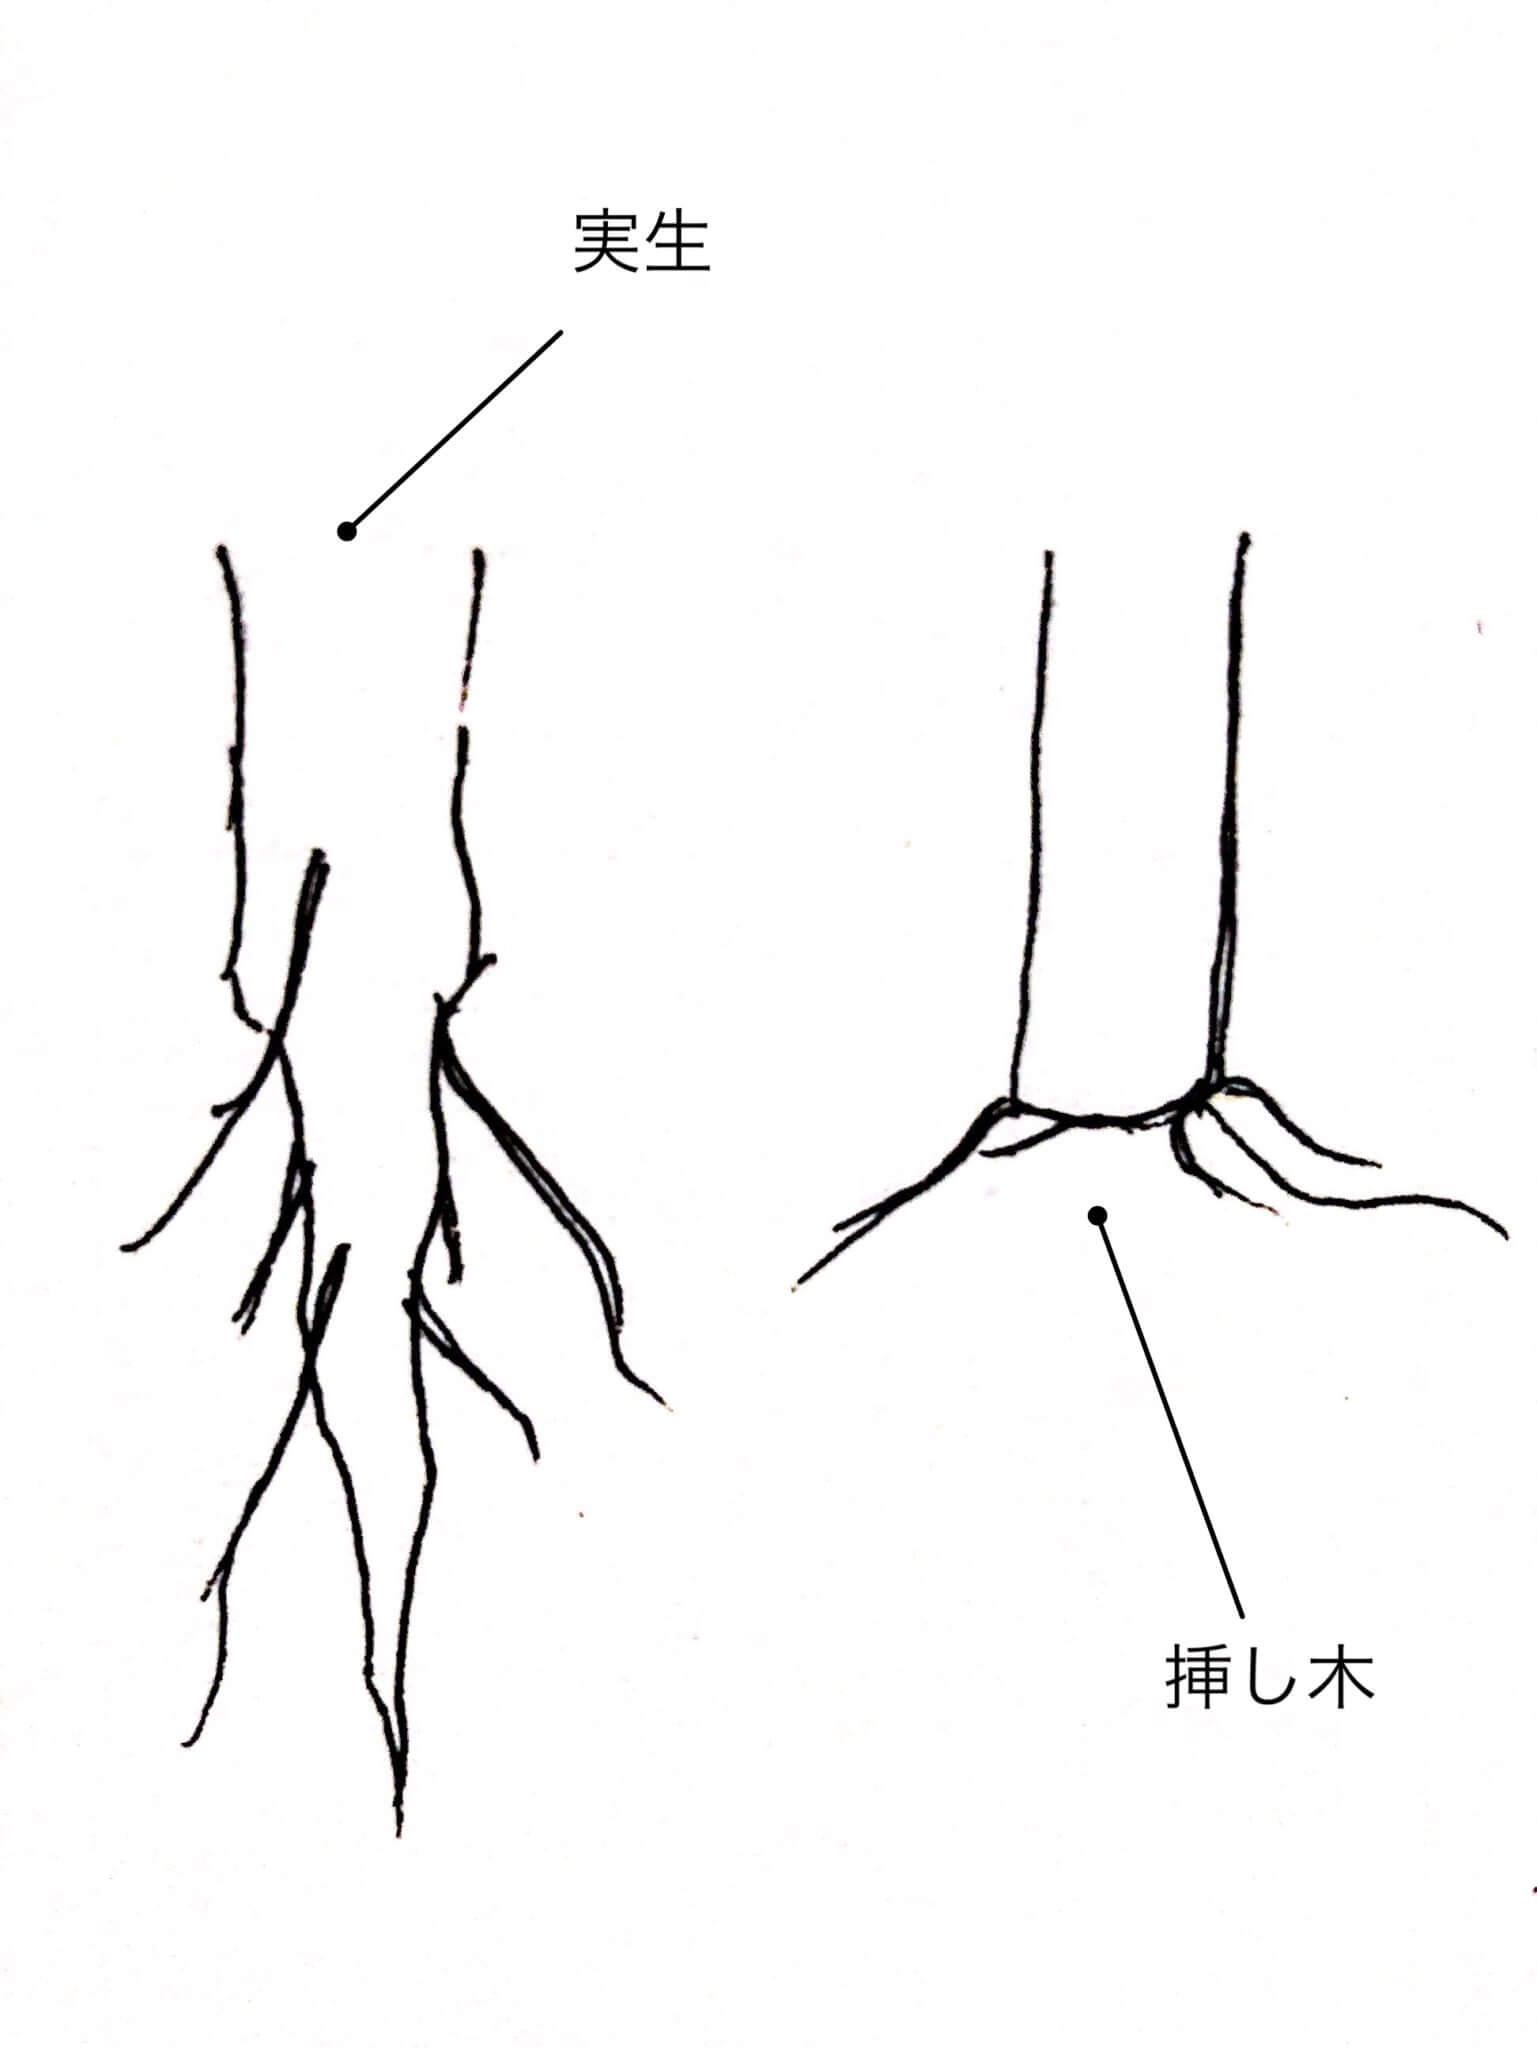 実生と挿し木の根の違い